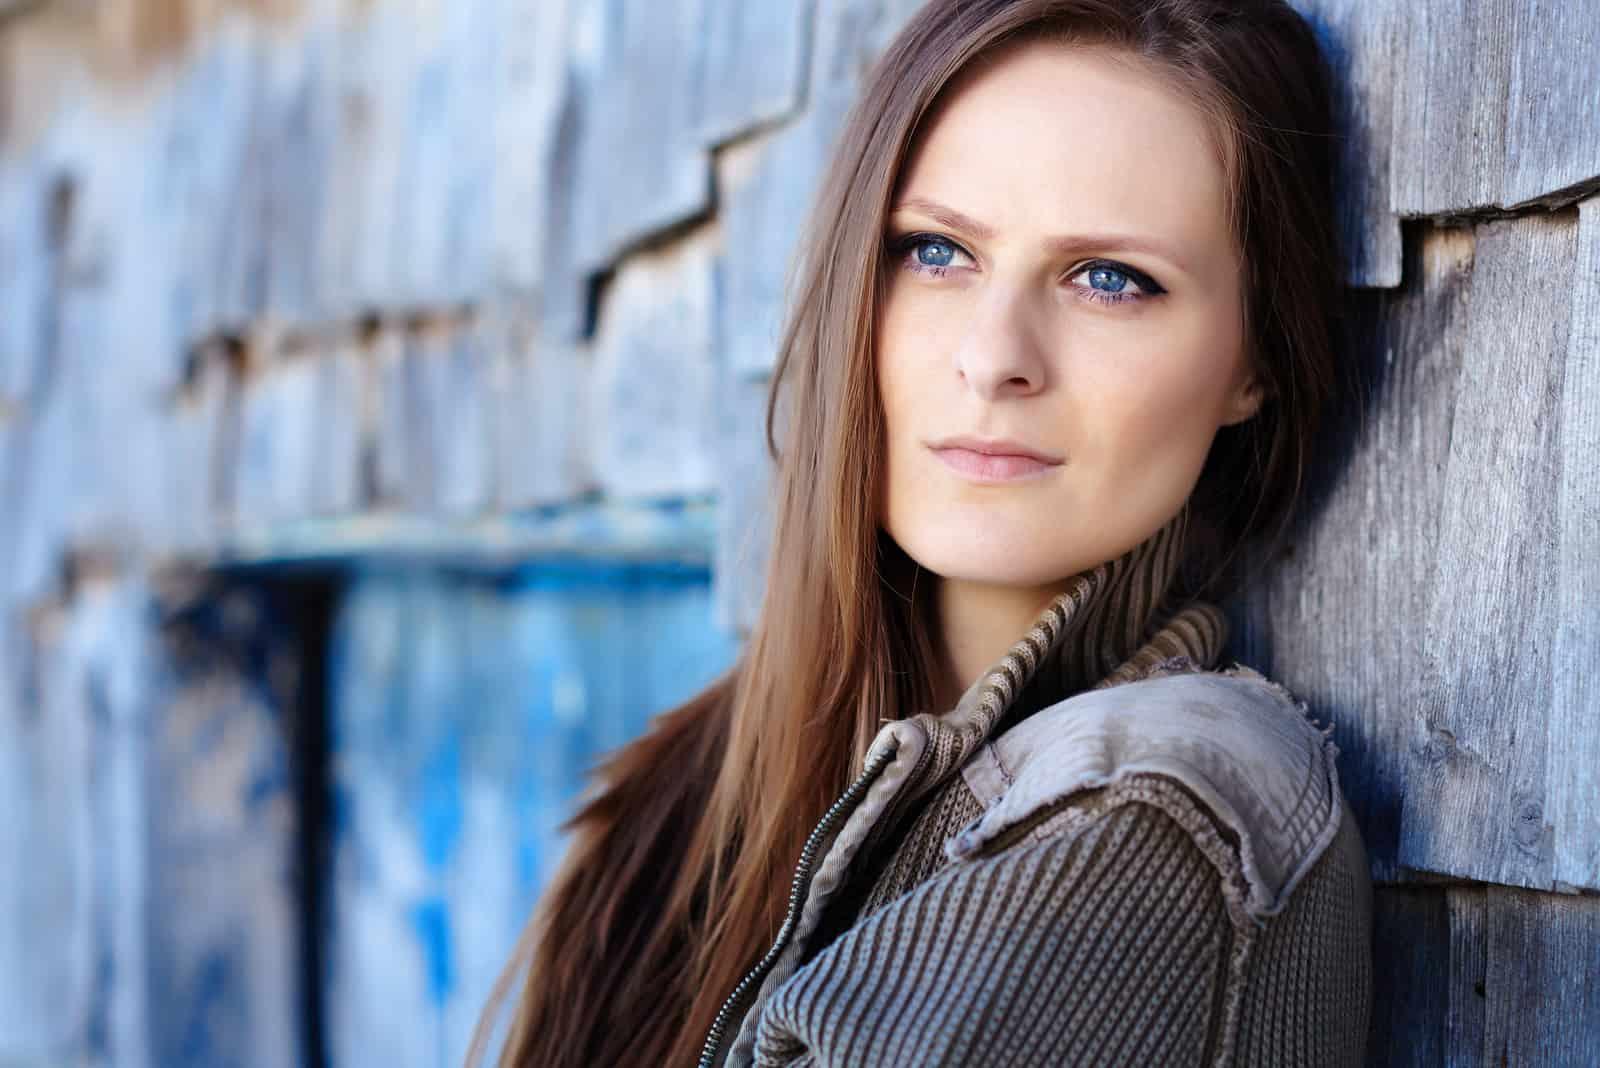 schöne Frau mit blauen Augen